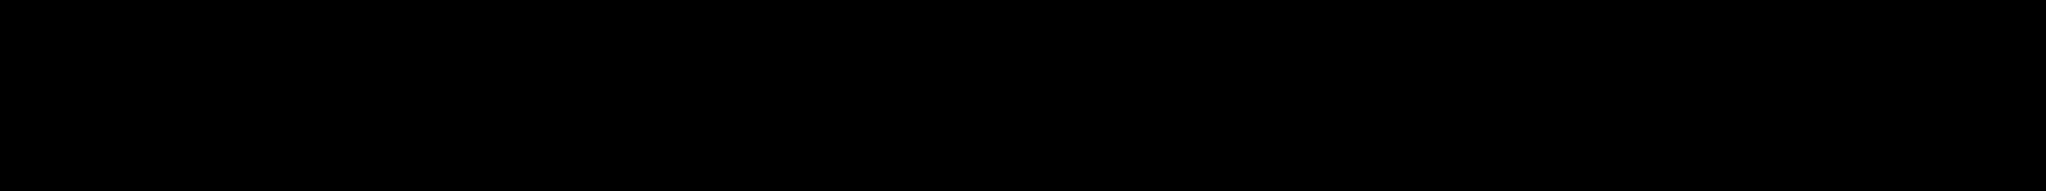 Design System E 100R